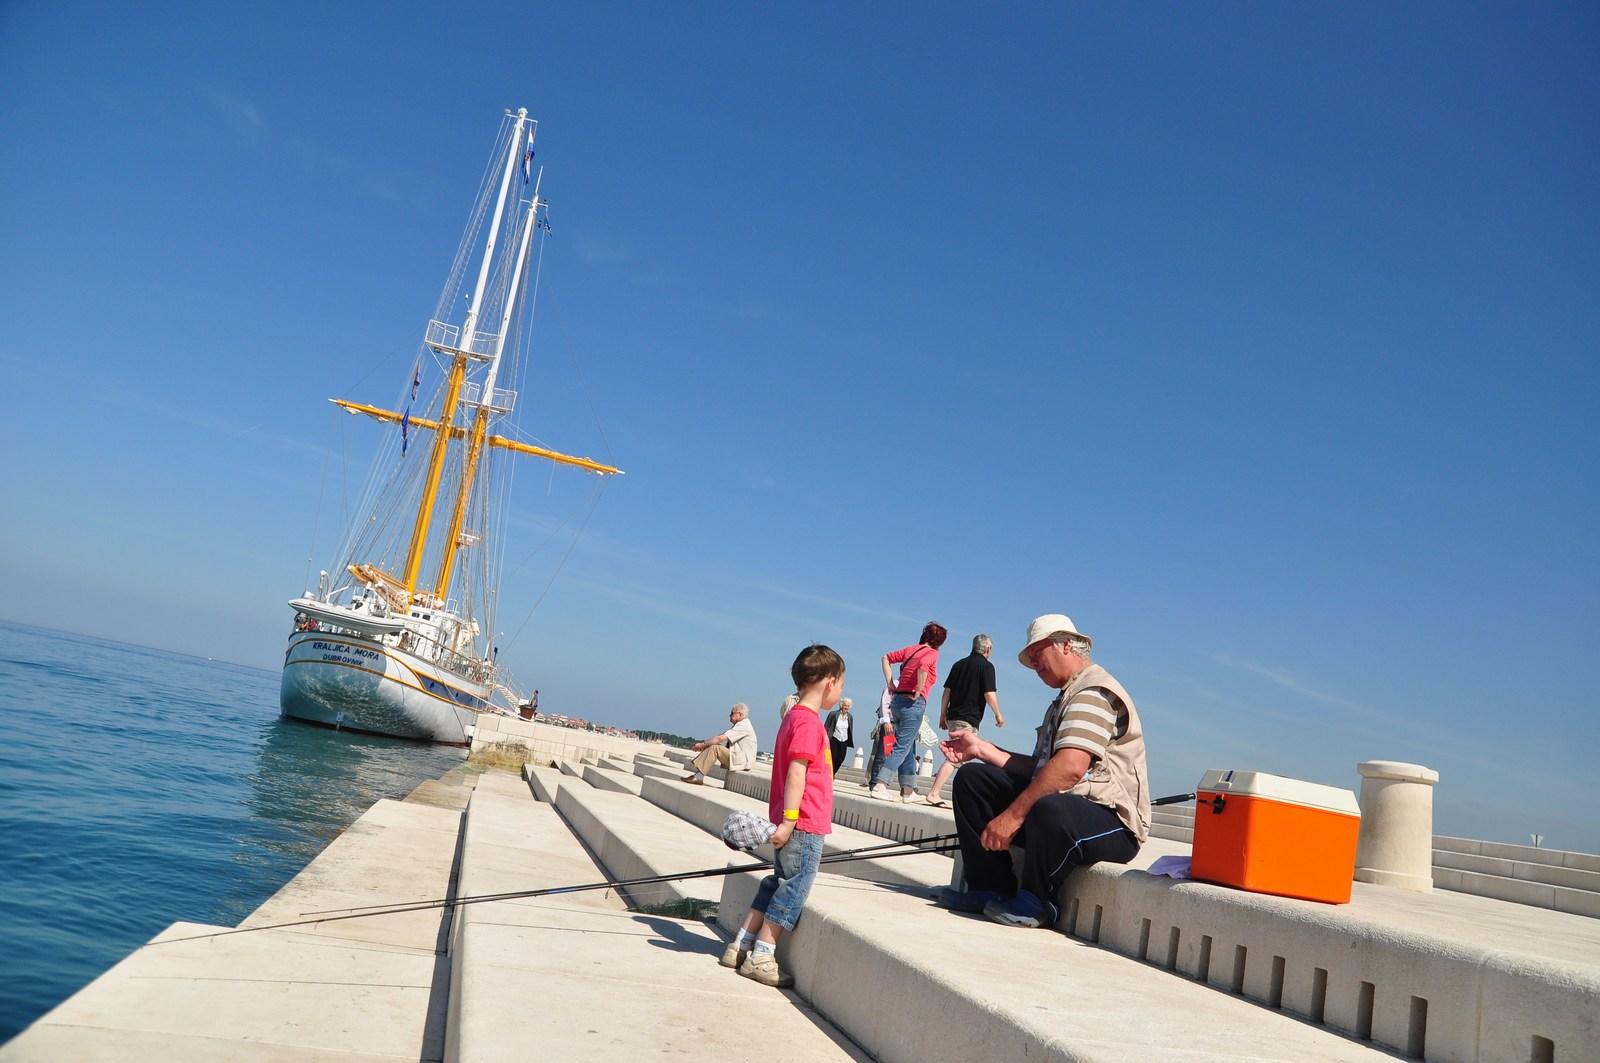 Starec, morje. Ladja, vnuk. Morske orgle. Lepota trenutka. Foto: HTZ in Luka Gerlanc.